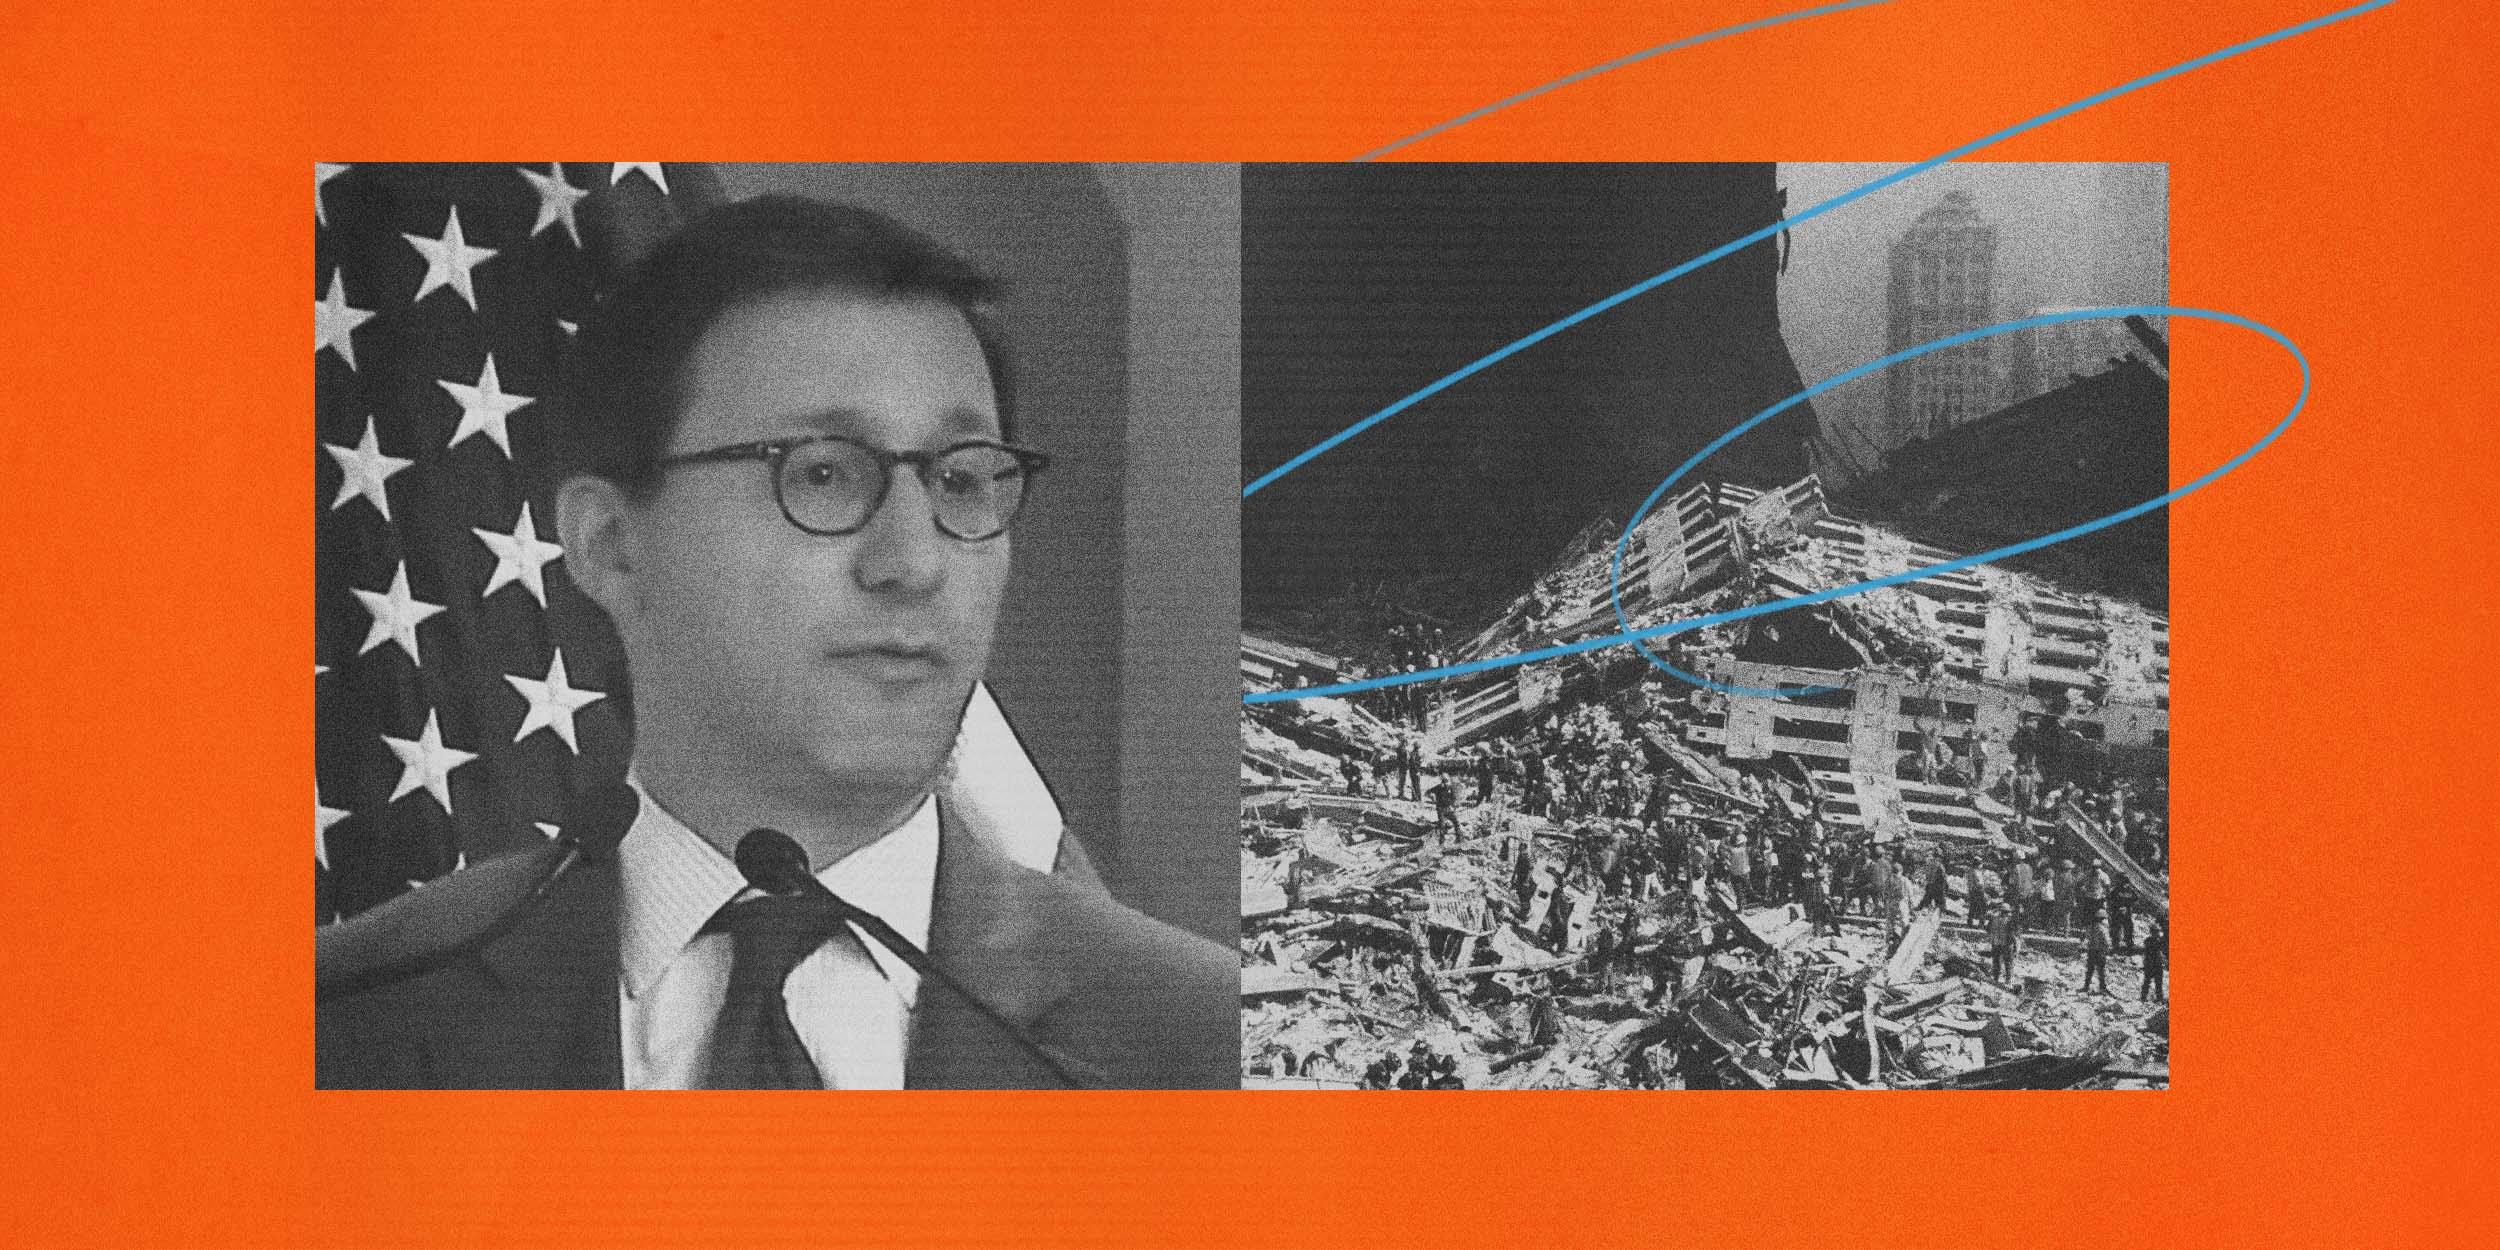 Sept. 11, 2021: An FBI terrorism analyst reflects on an unwinnable war